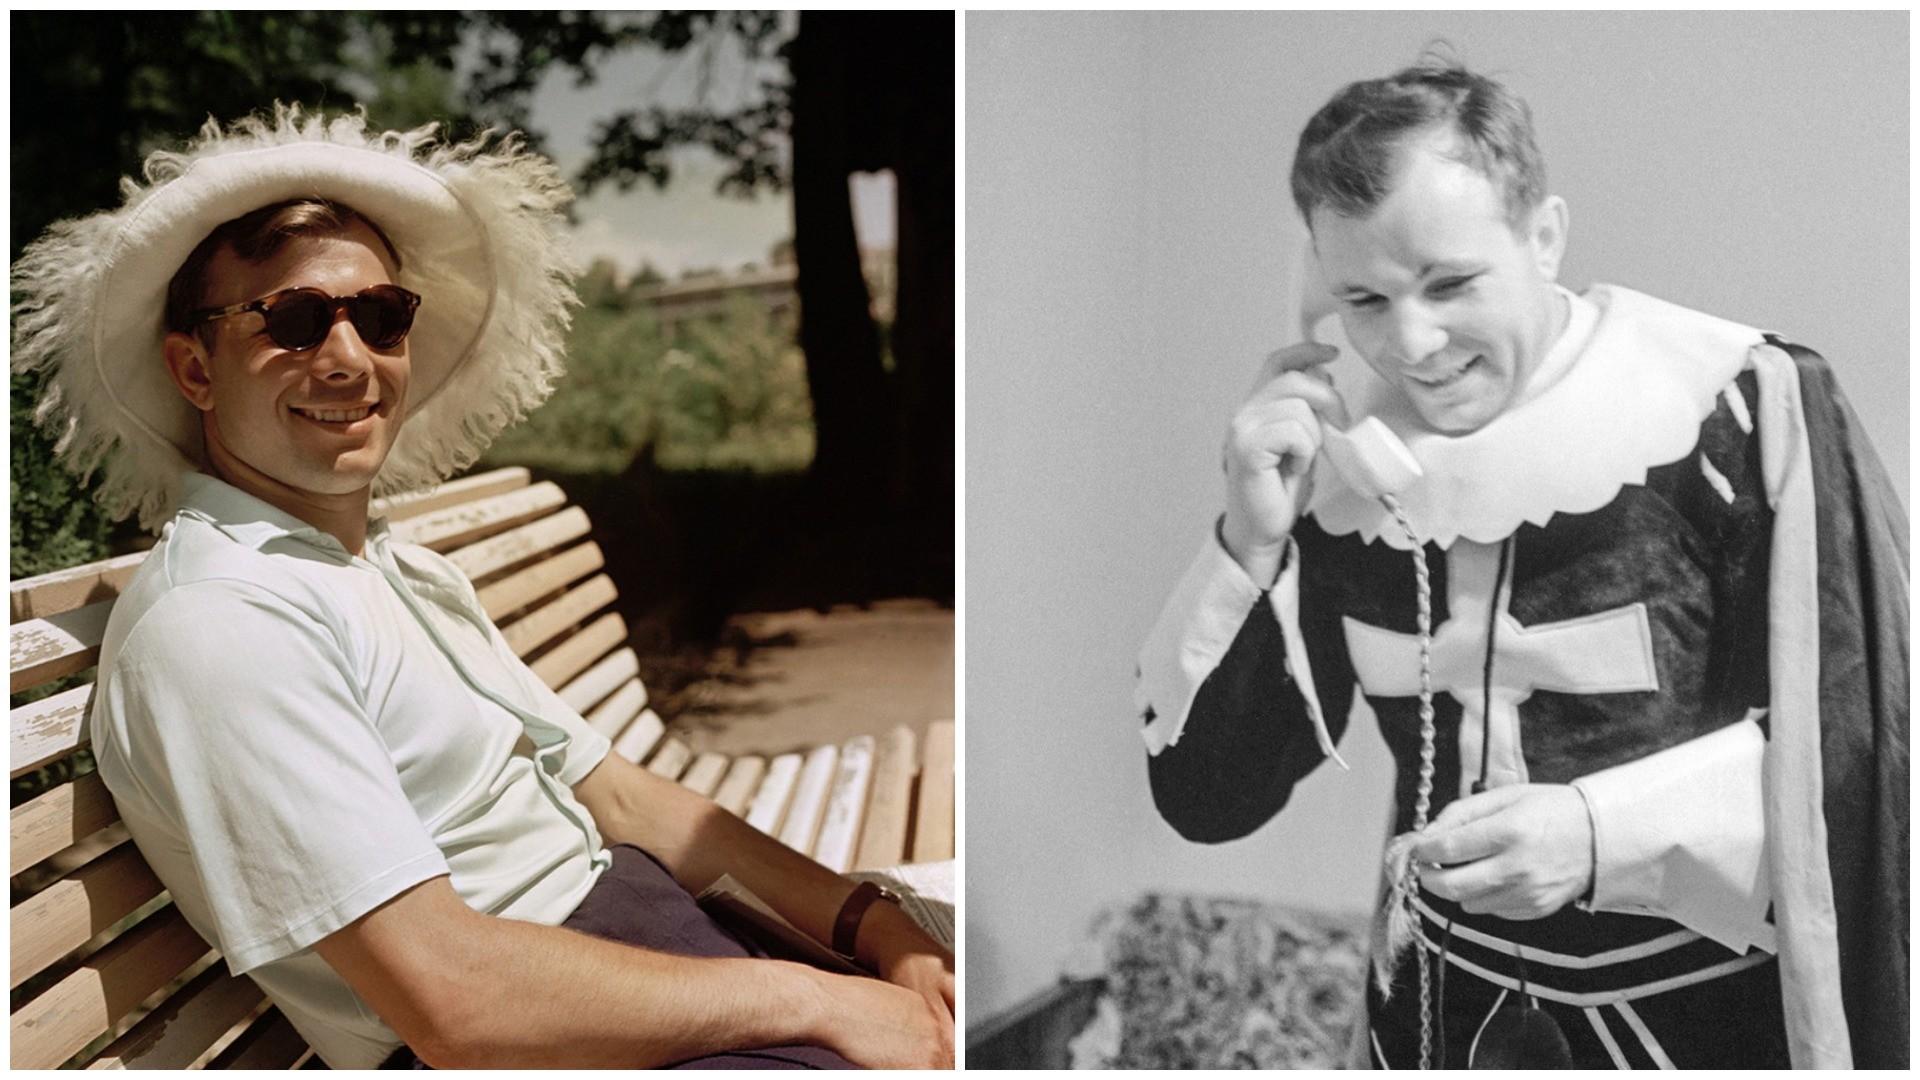 Seltene Fotos von Juri Gagarin aus dem Alltag (FOTOS